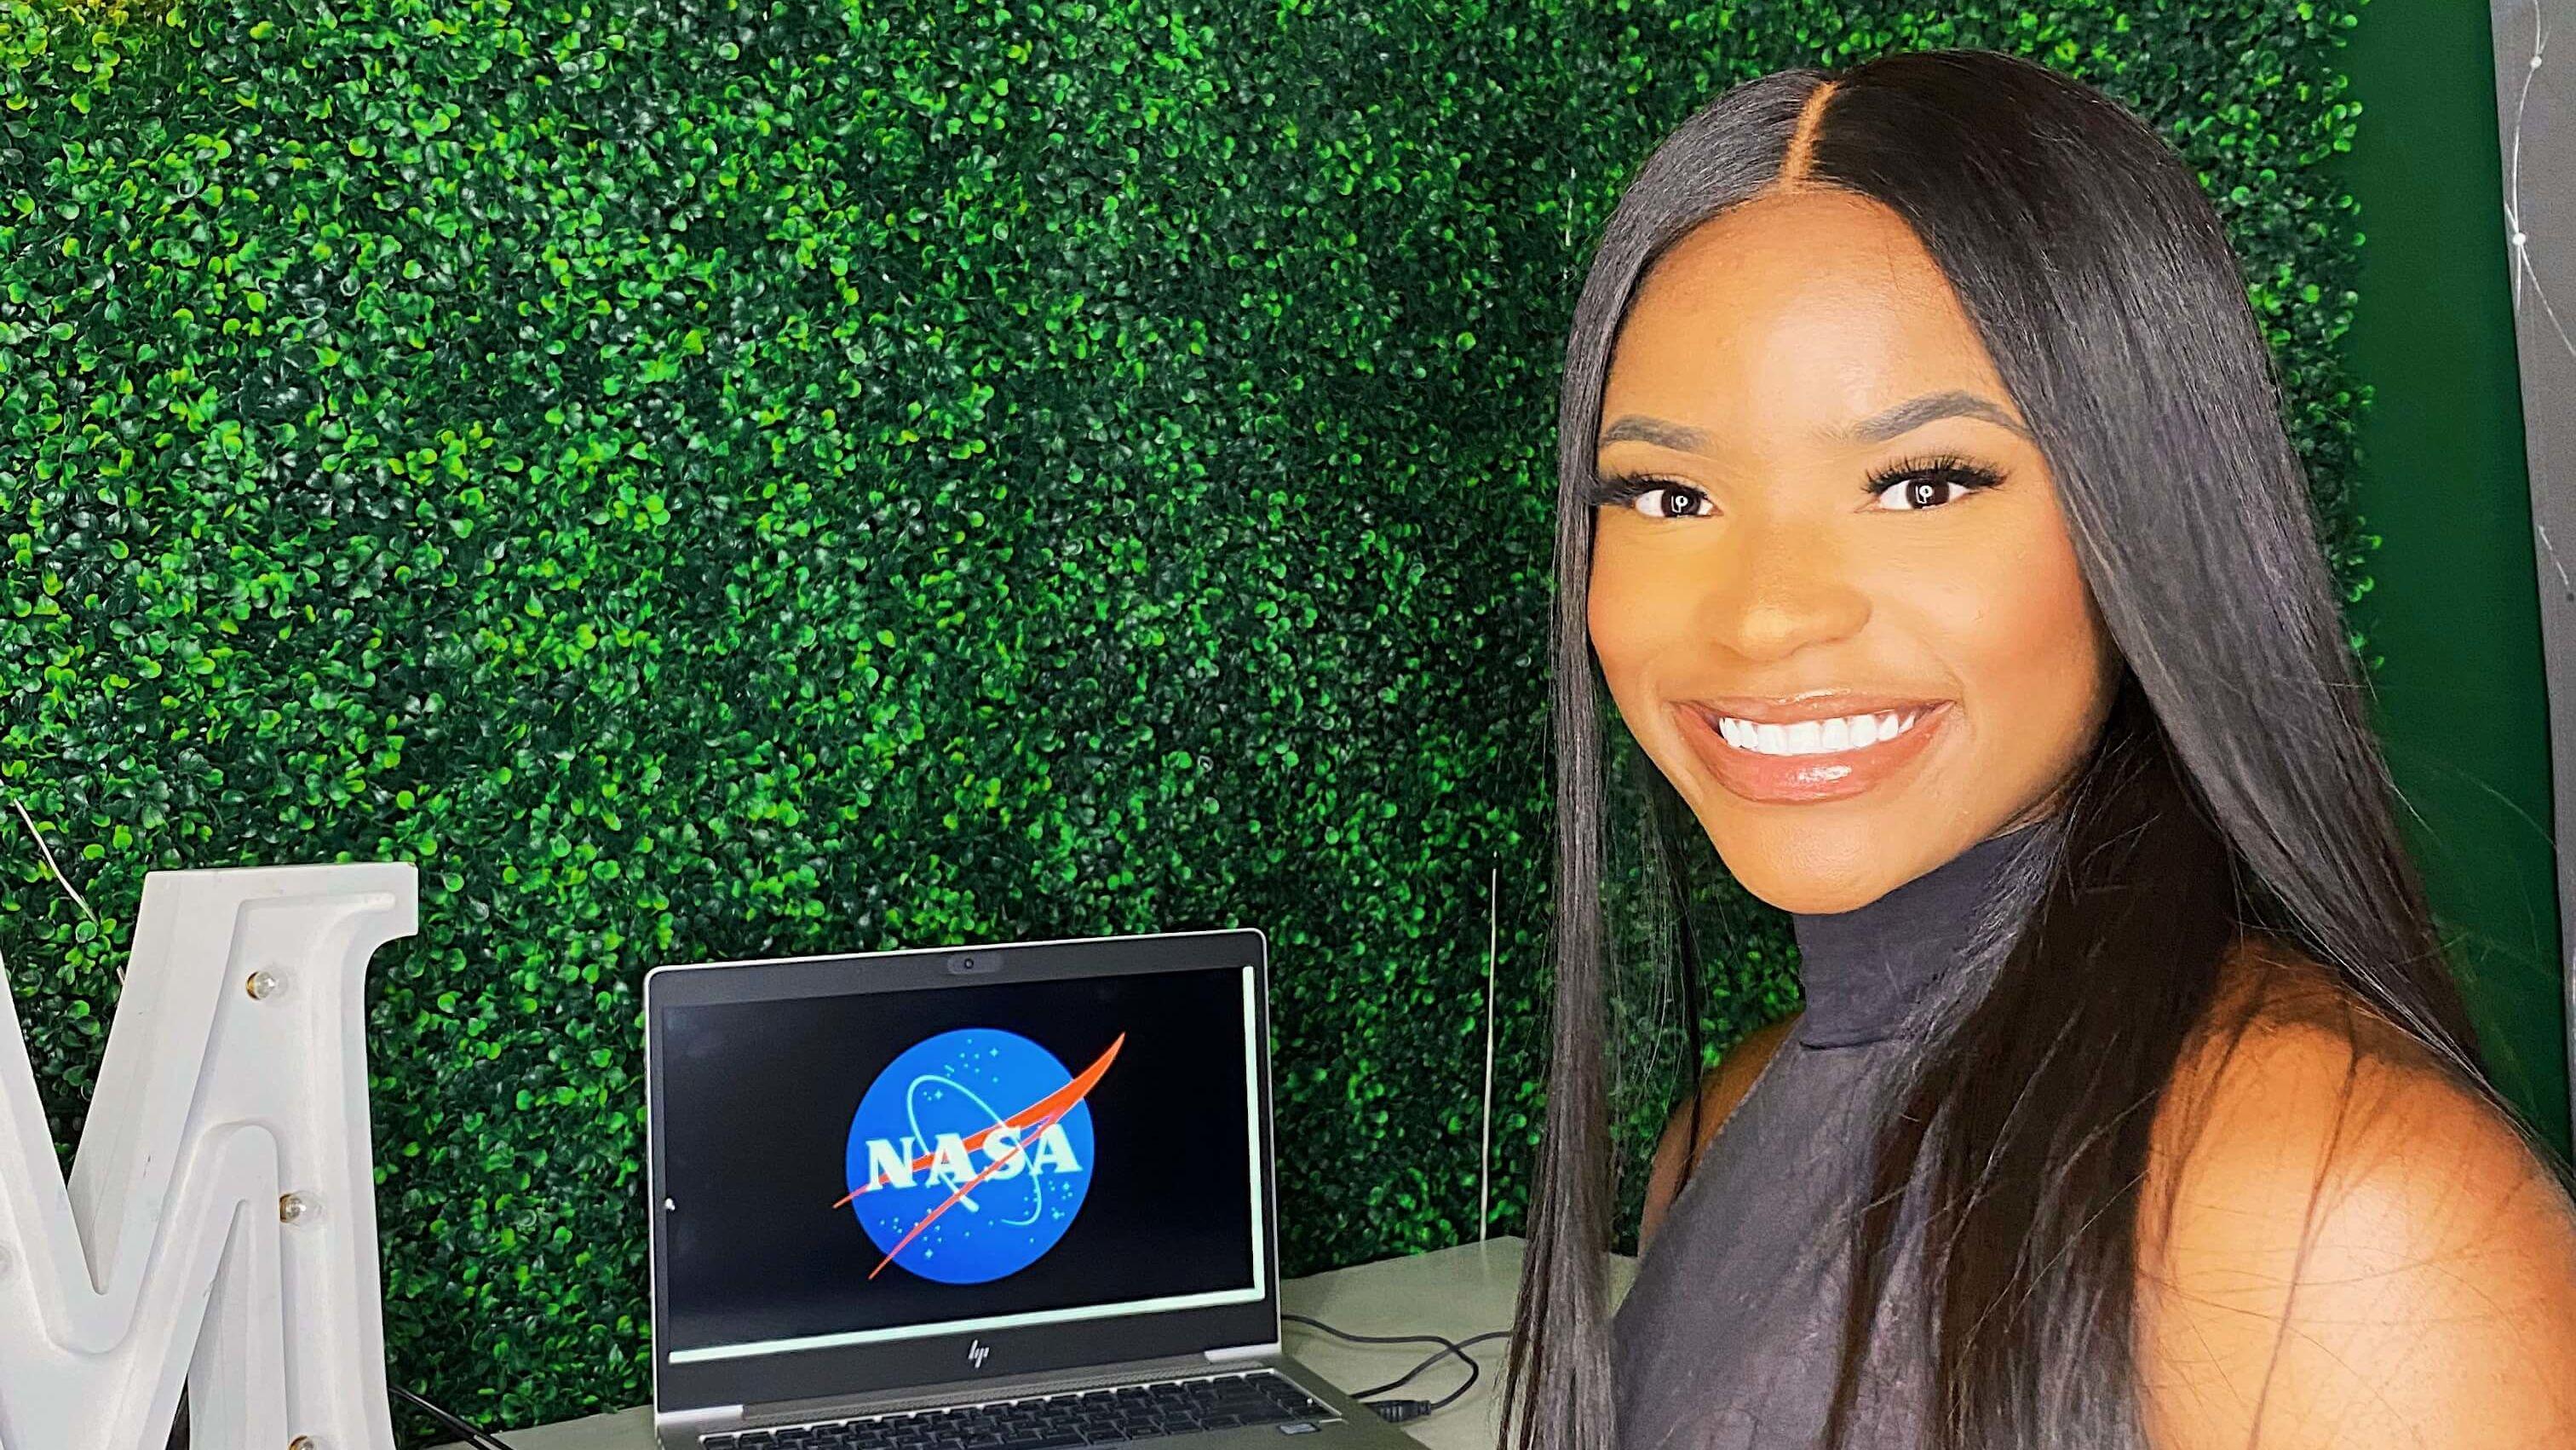 Mya Sims interned at NASA this summer.